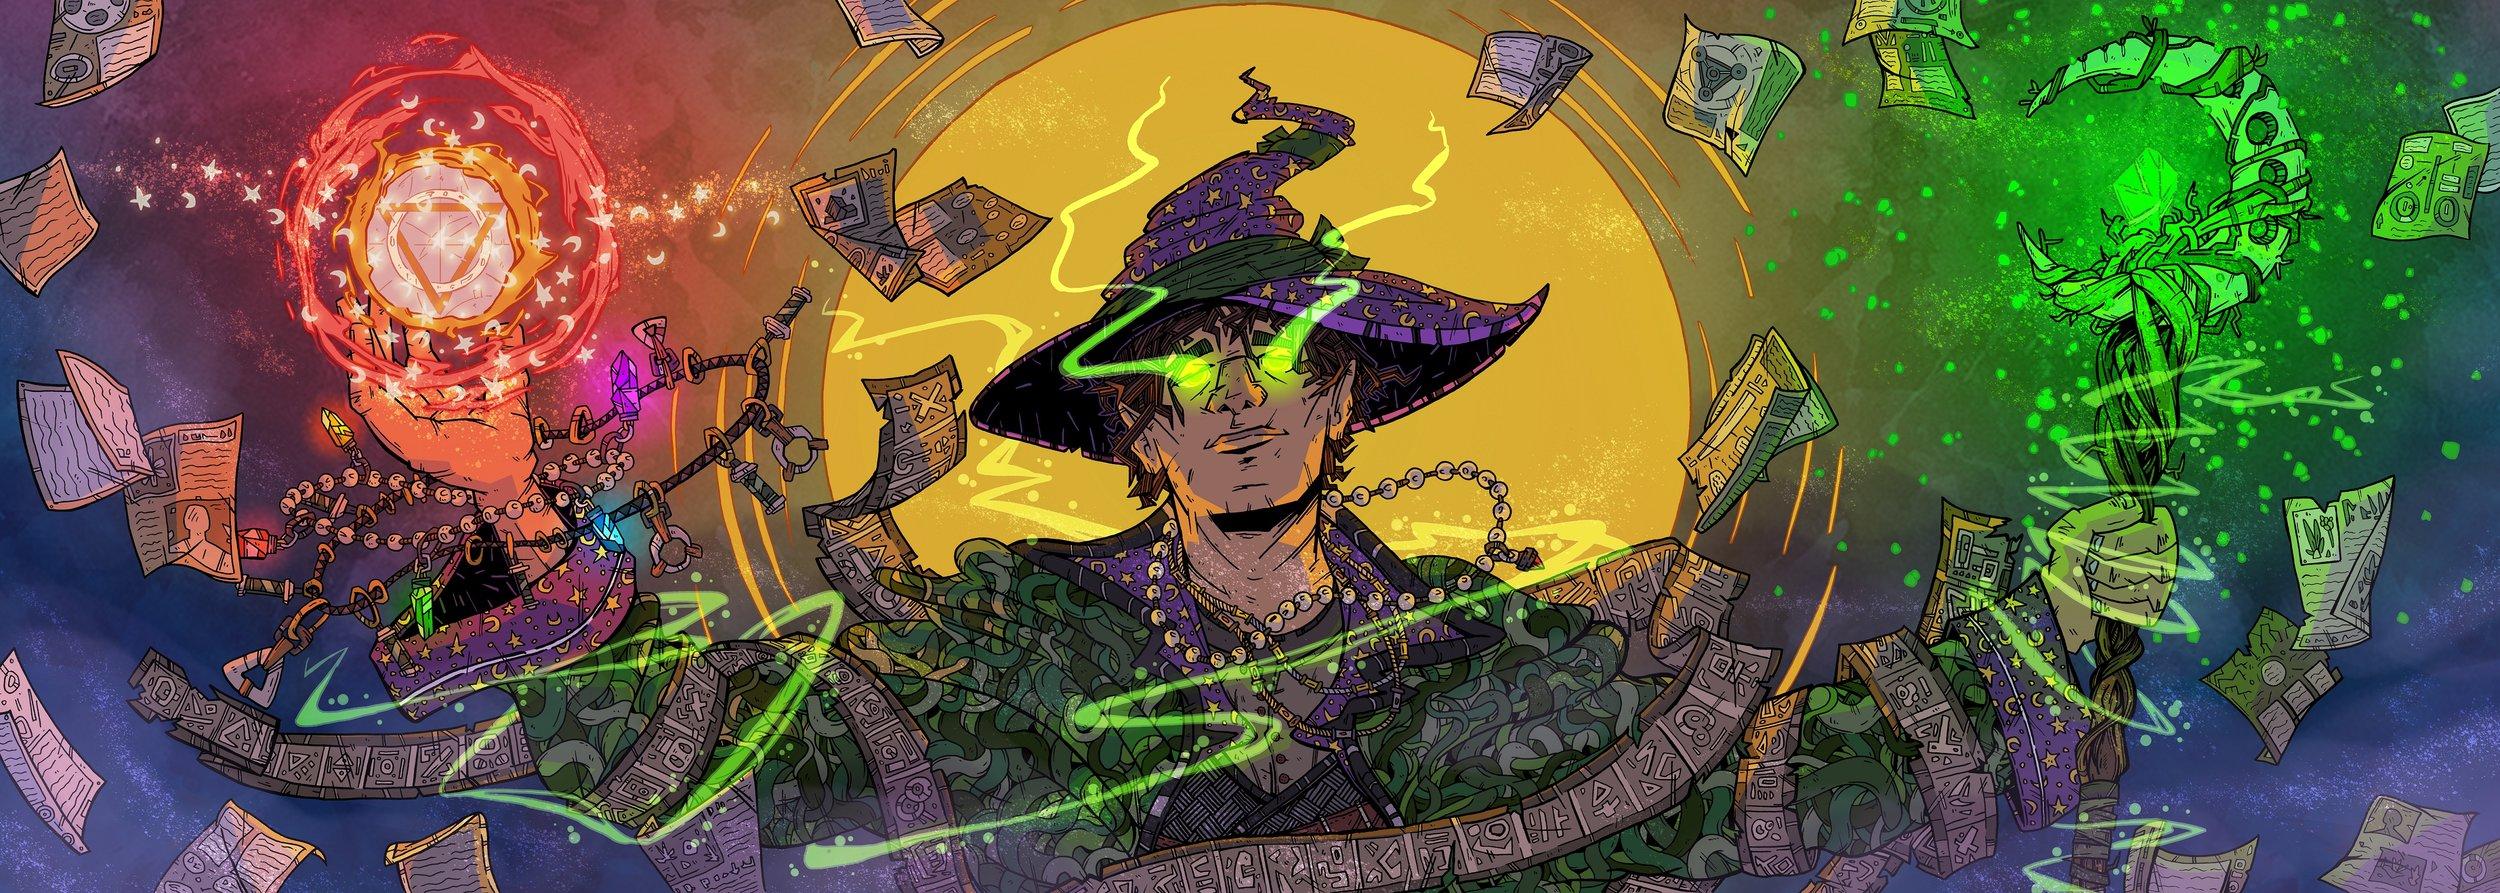 Wizard Final.jpg